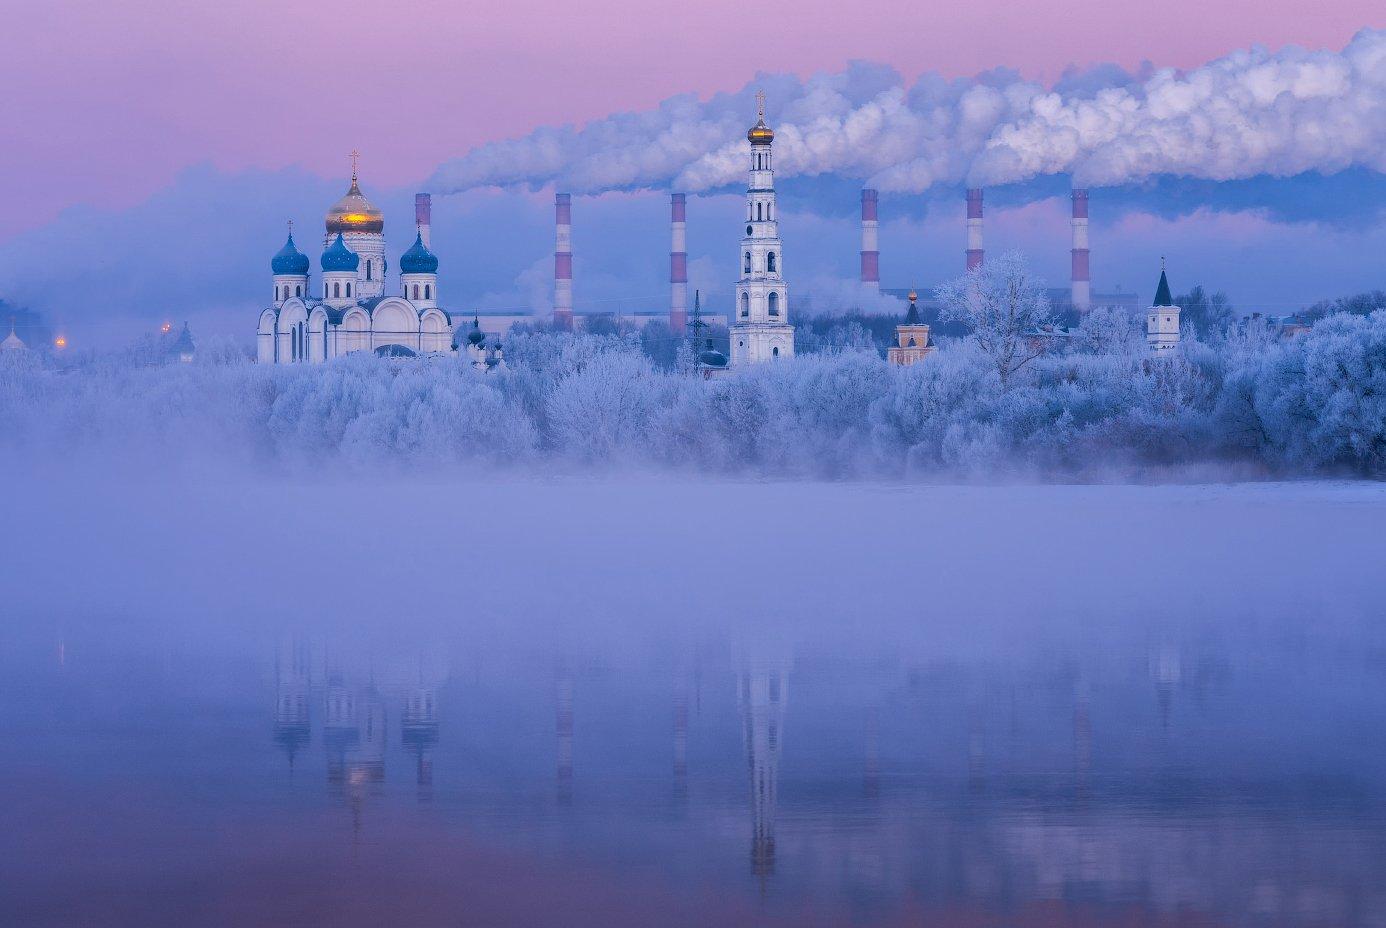 утро, рассвет, природа, туман, река, мороз, николо-угрешский монастырь, Виталий Левыкин